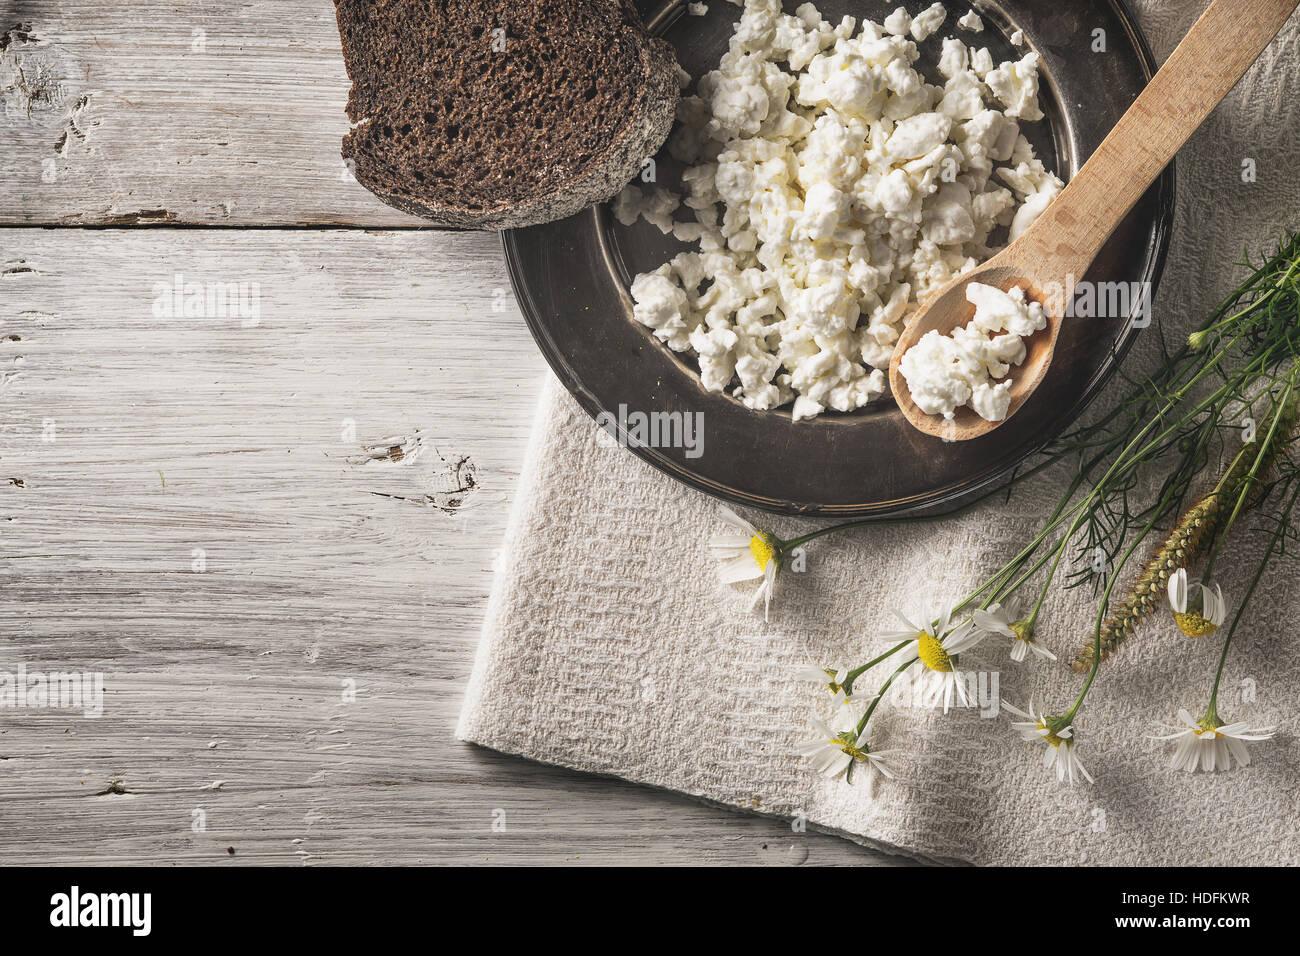 Fresco formaggio cottage con pane e fiori sul bianco tavolo in legno vista superiore Immagini Stock